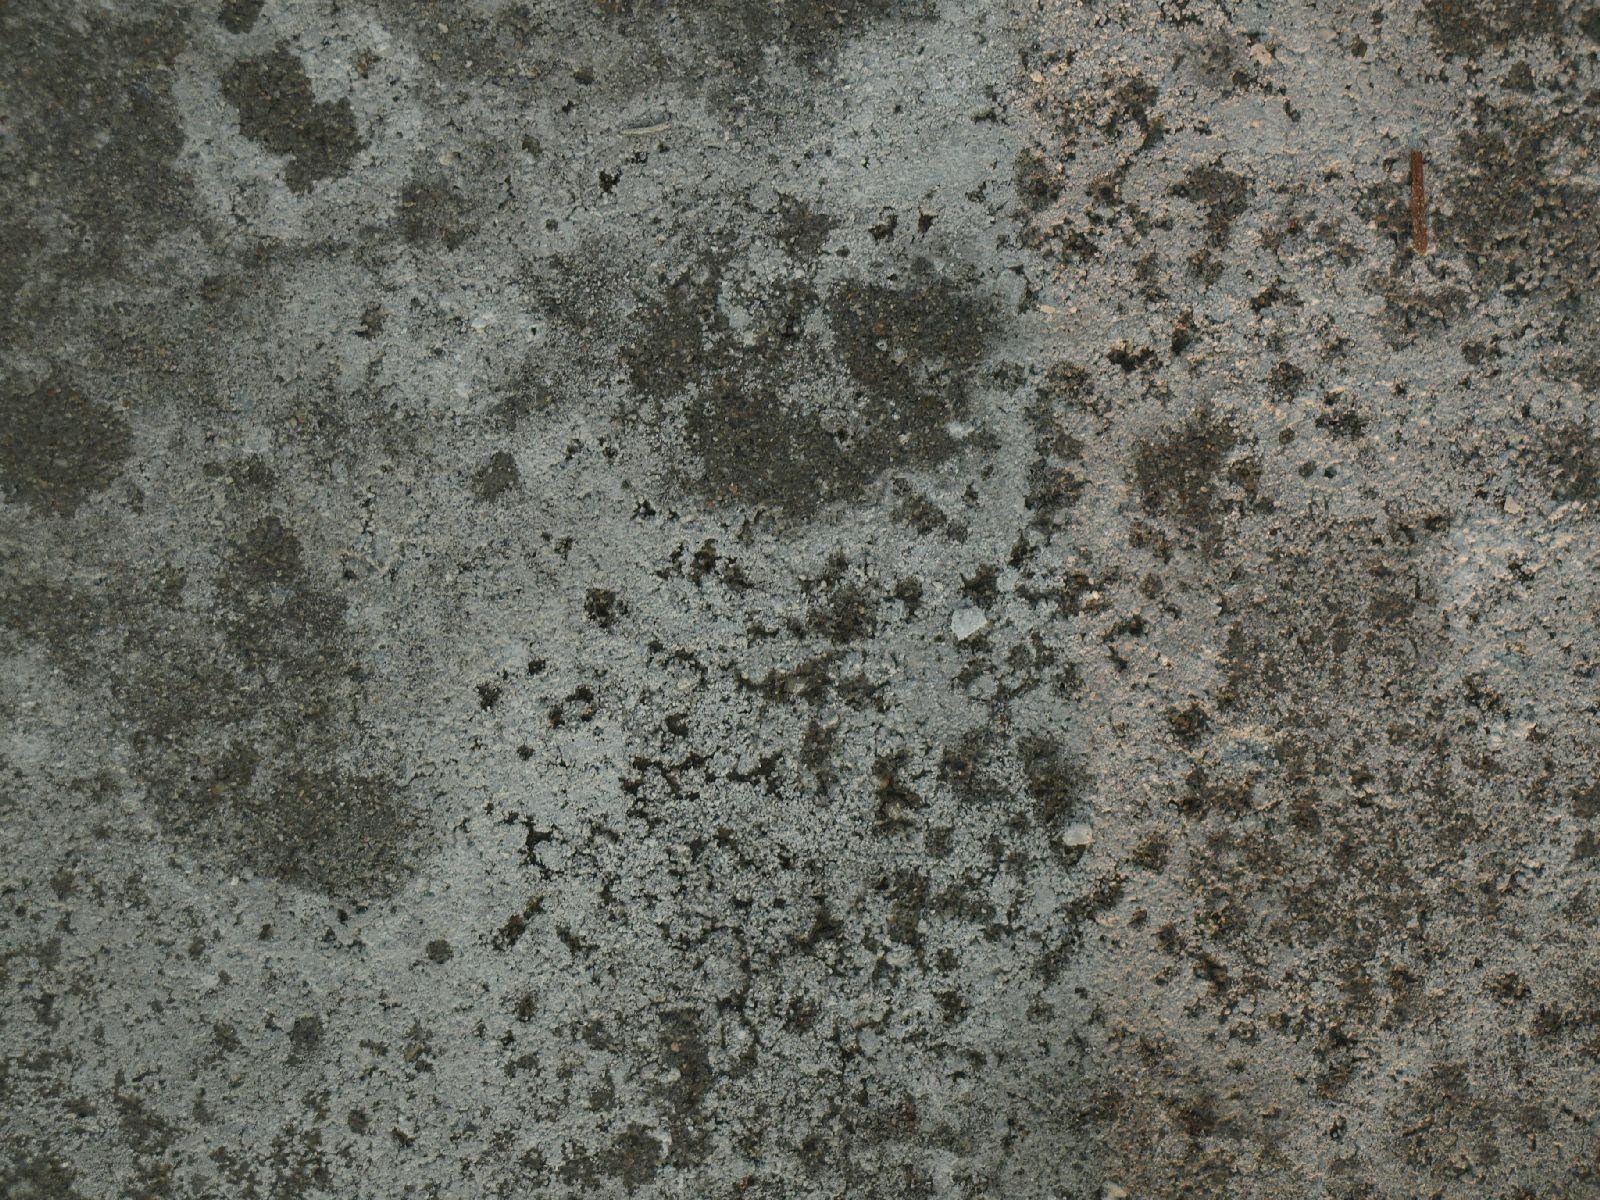 Schnee-Eis_Textur_A_P1109053